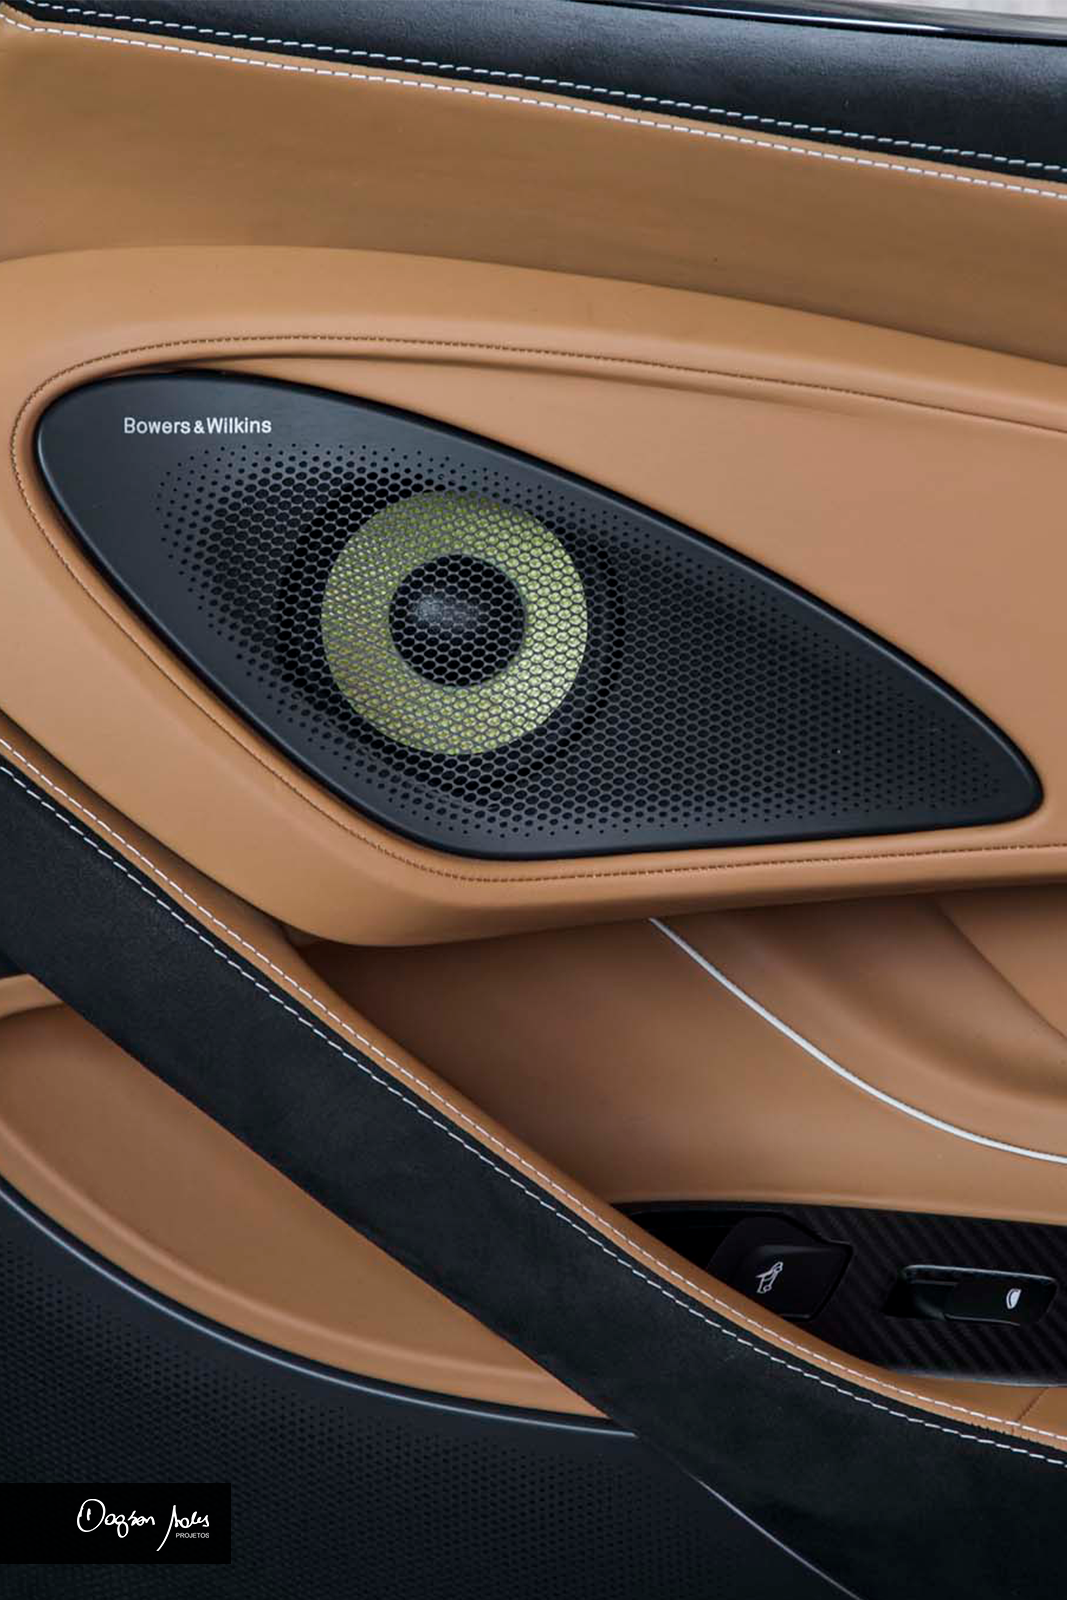 Sistema de áudio B&W Bowers & Wilkins desenvolvidos para os automóveis McLaren | Dagson Sales Projetos